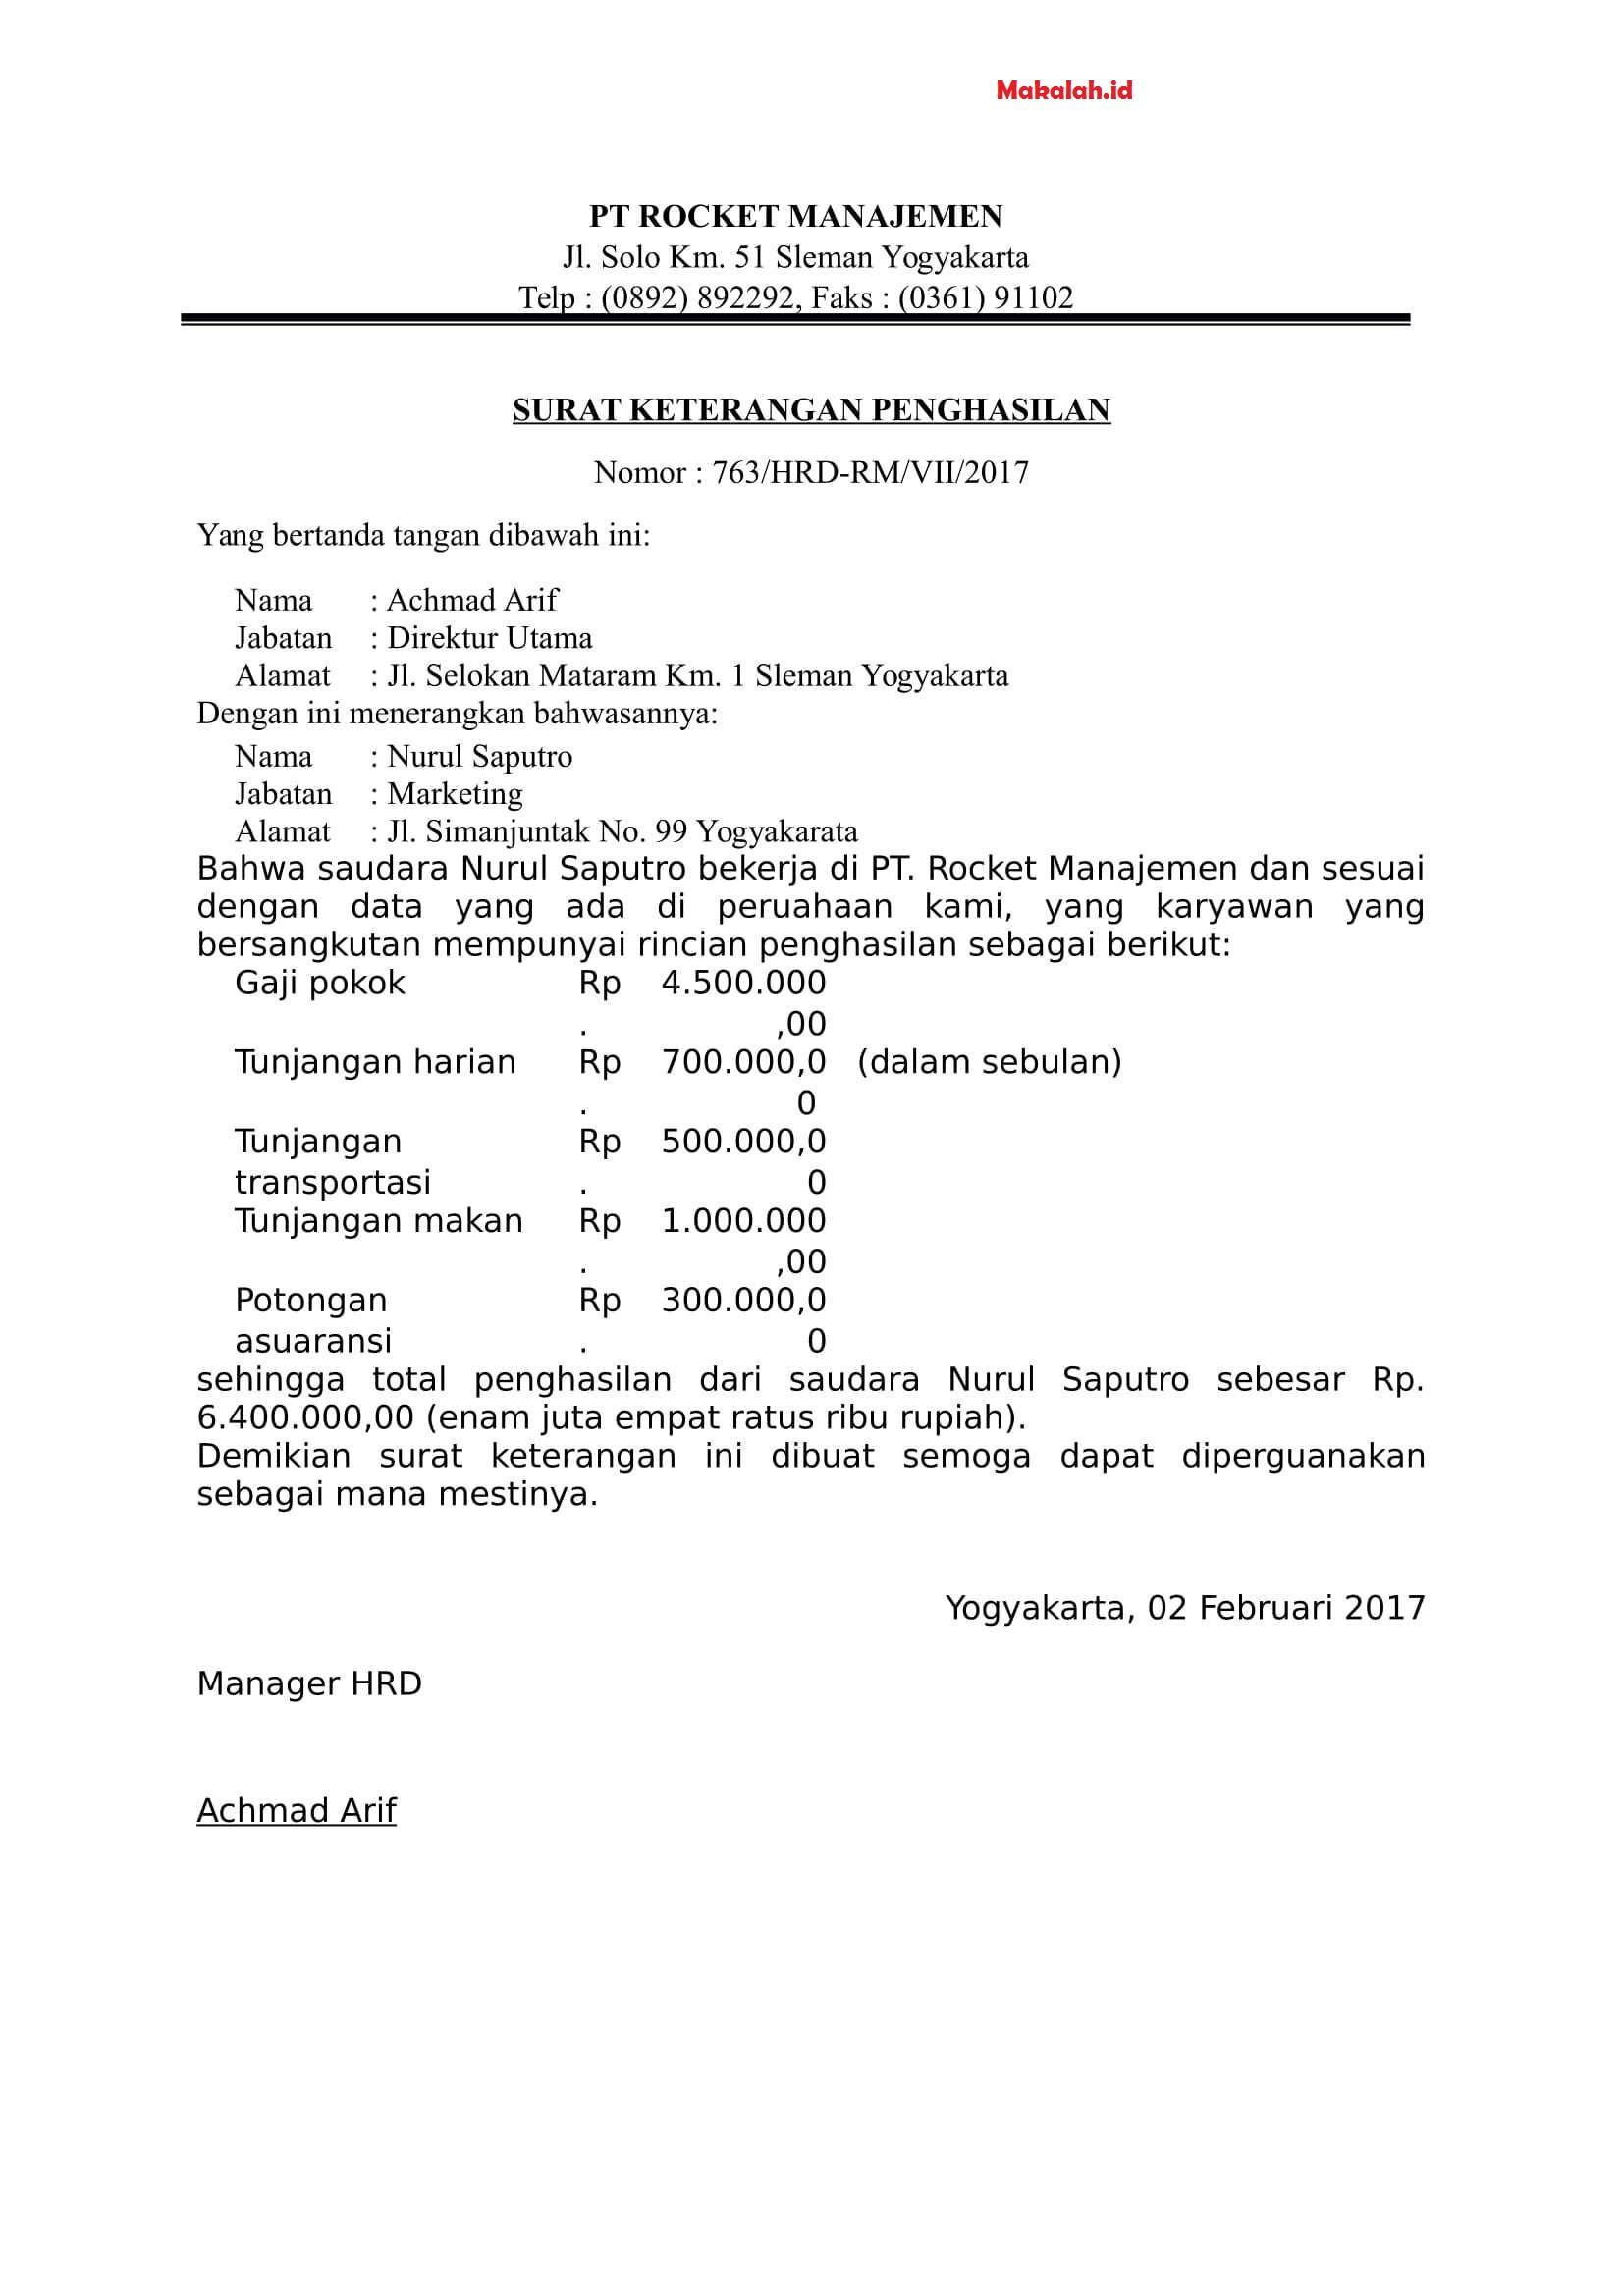 4 Contoh Surat Keterangan Penghasilan Karyawan Wiraswasta Dan